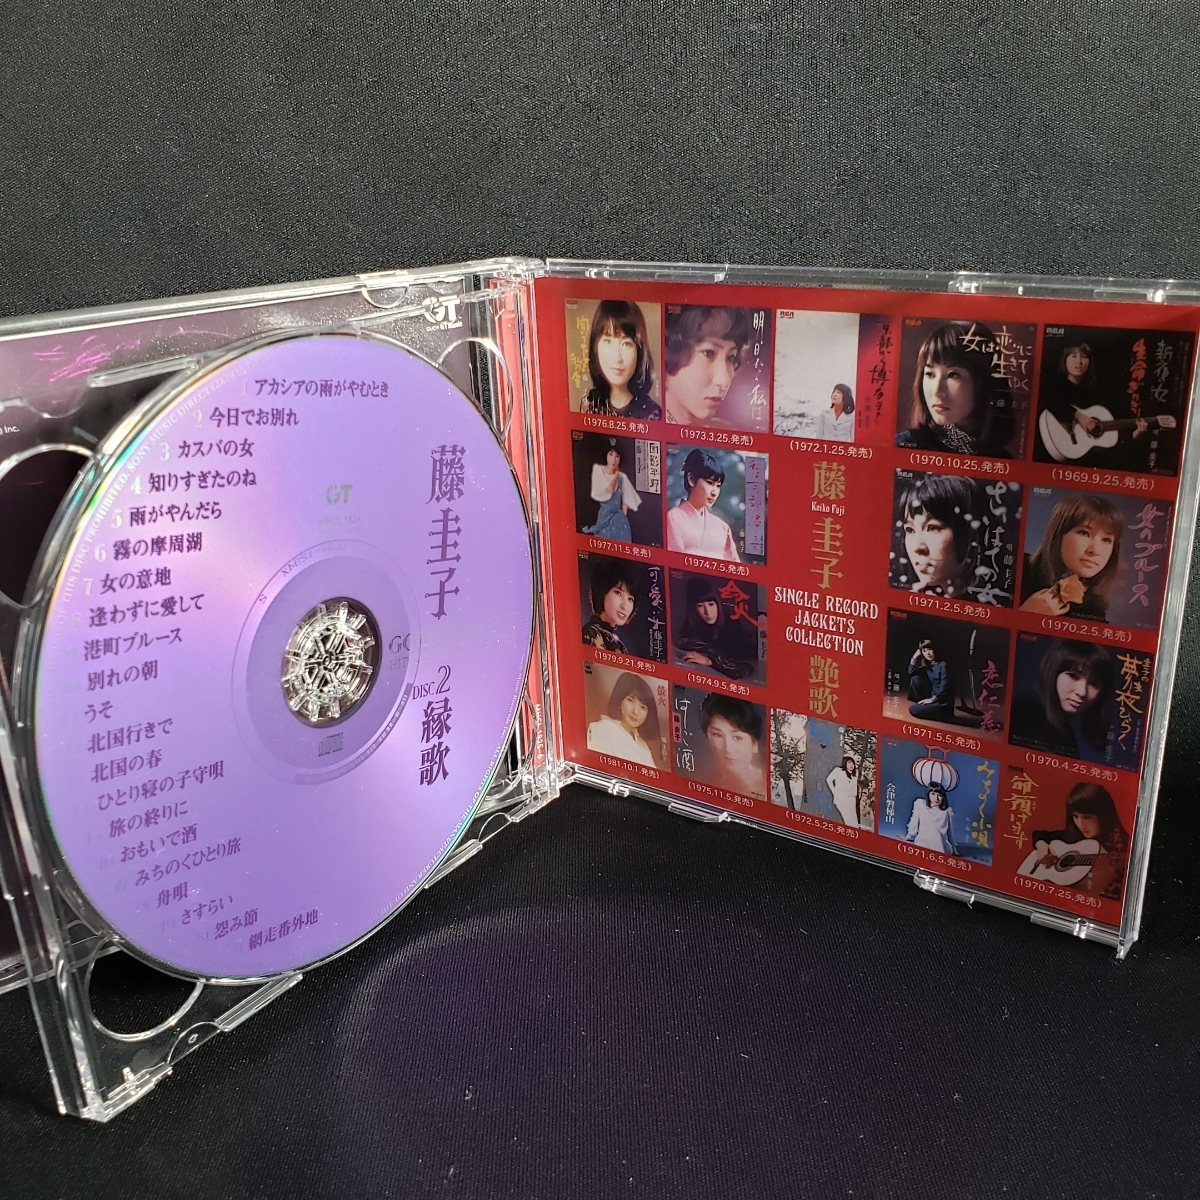 美品 藤圭子 艶歌と縁歌 ゴールデン ベスト ヒット&カバー コレクション CD2枚組 全42曲_画像4